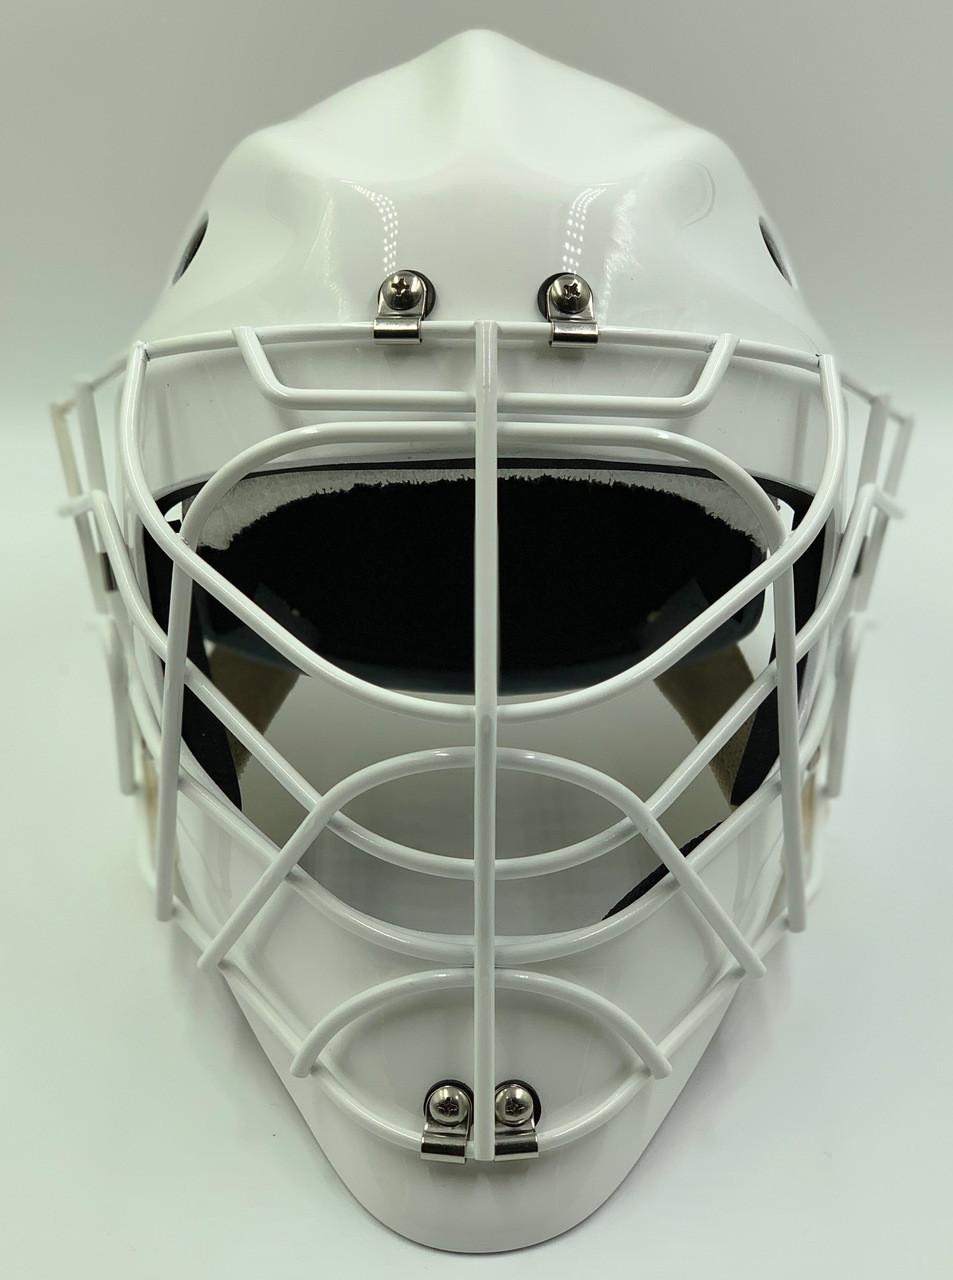 OTNY Combo ECO Goalie Mask - White